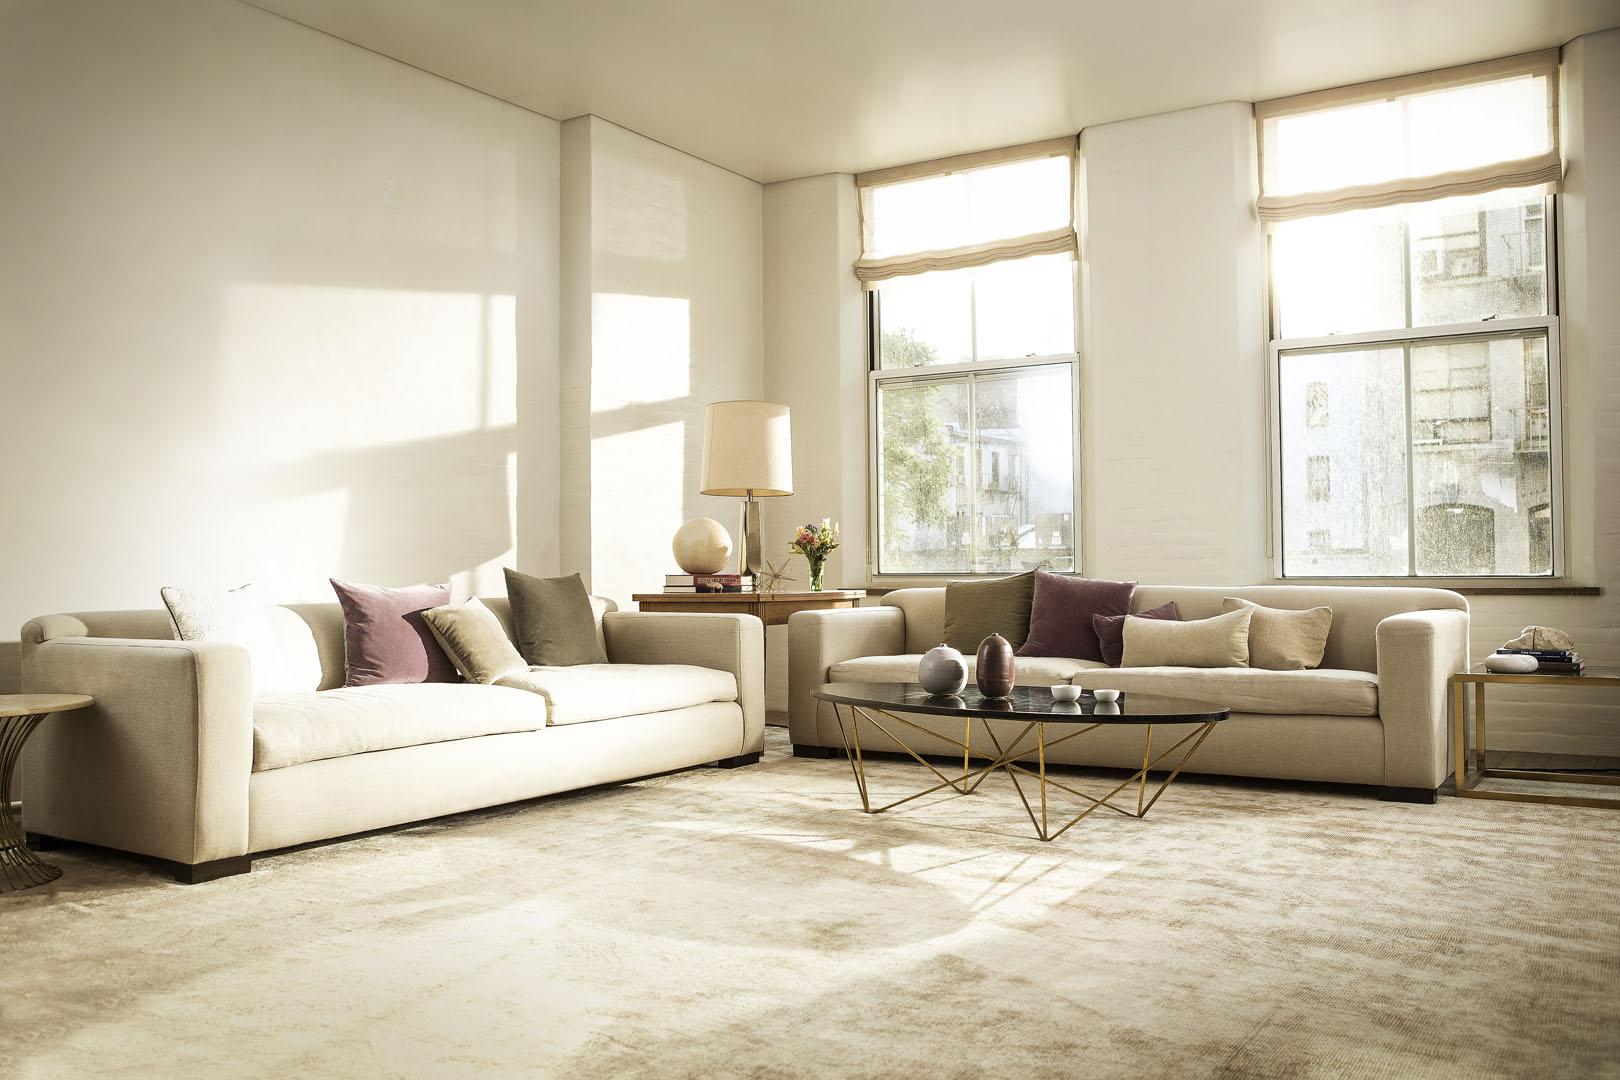 Samsung vloer plafond warmtepomp aircomodel voor verwarmen en koelen in de woning